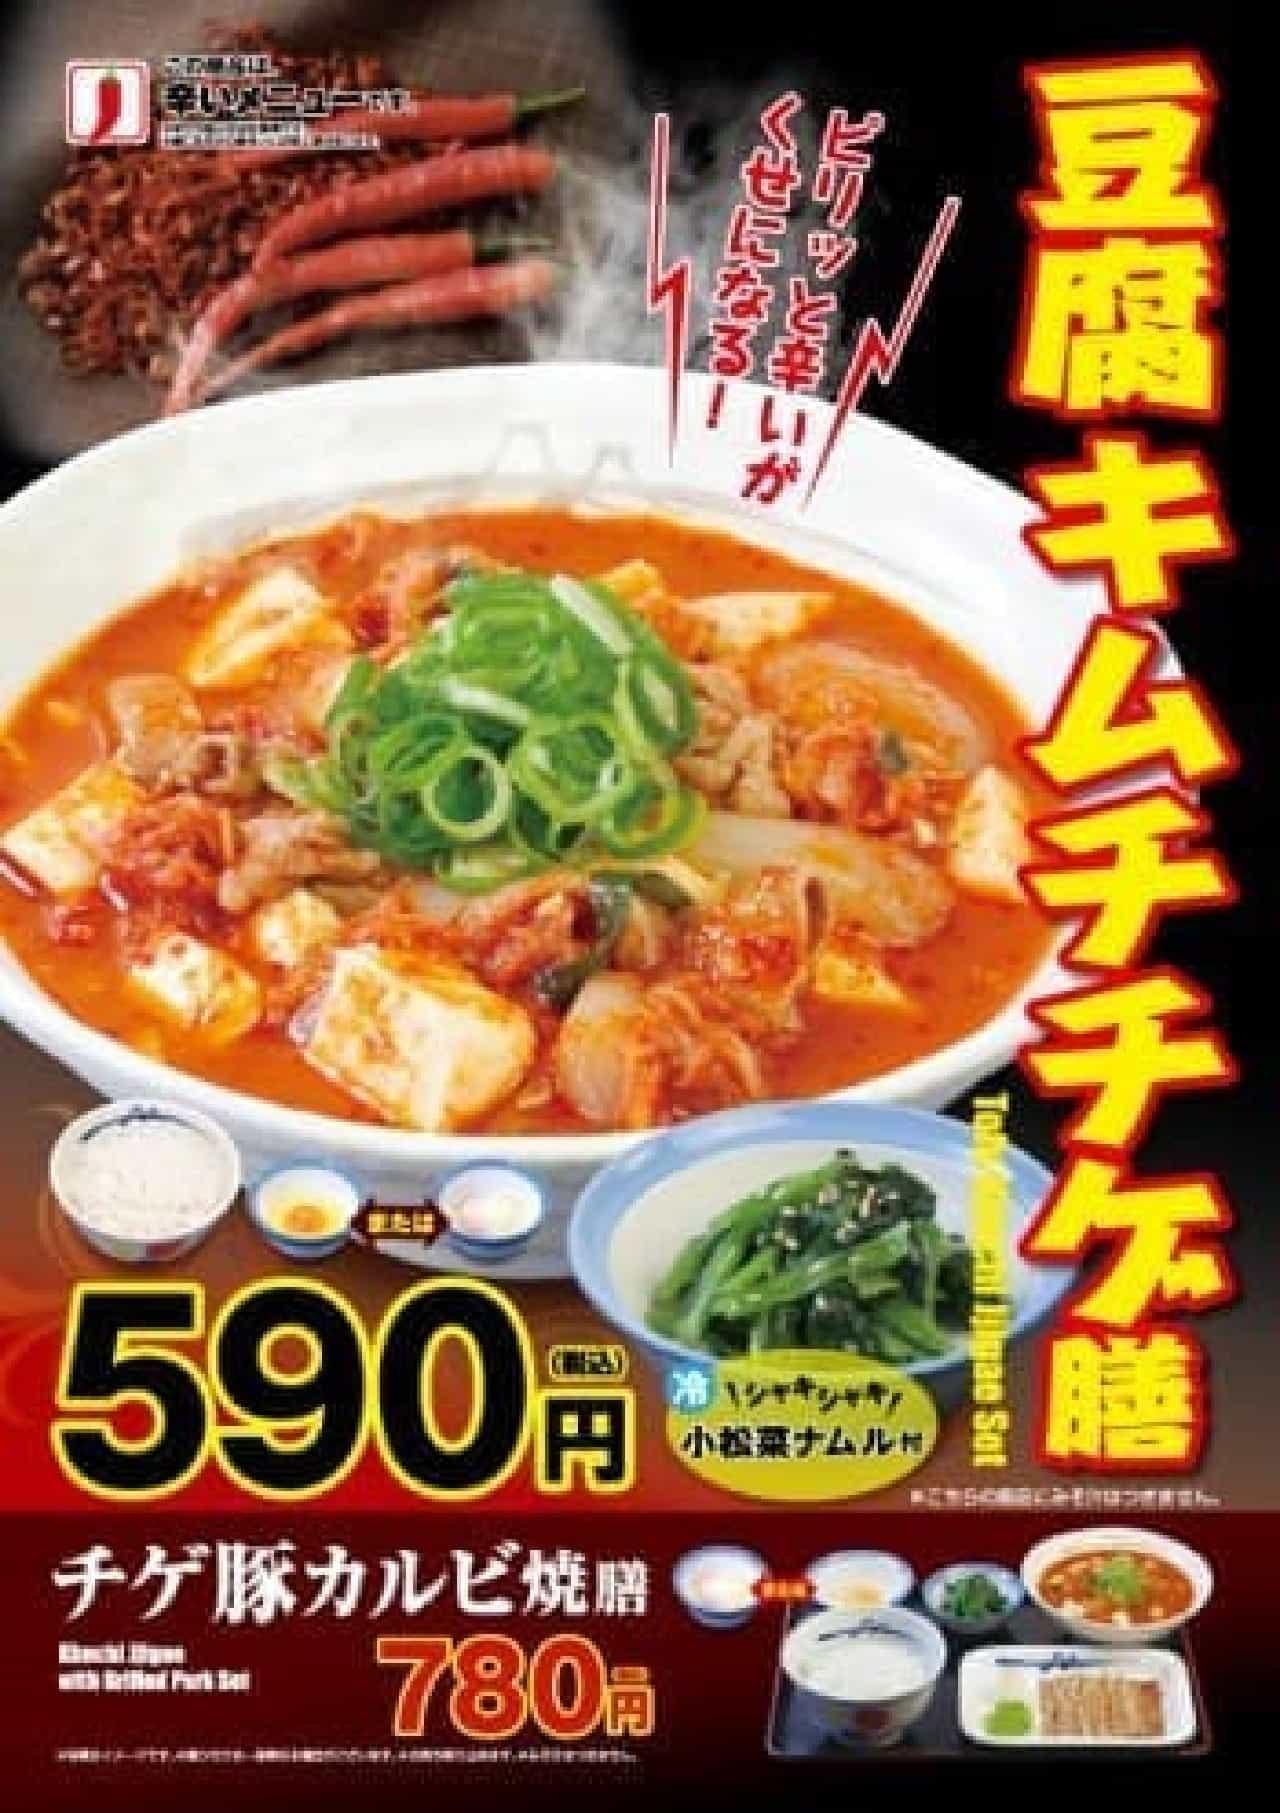 松屋「豆腐キムチチゲ膳」と「チゲ豚カルビ焼膳」